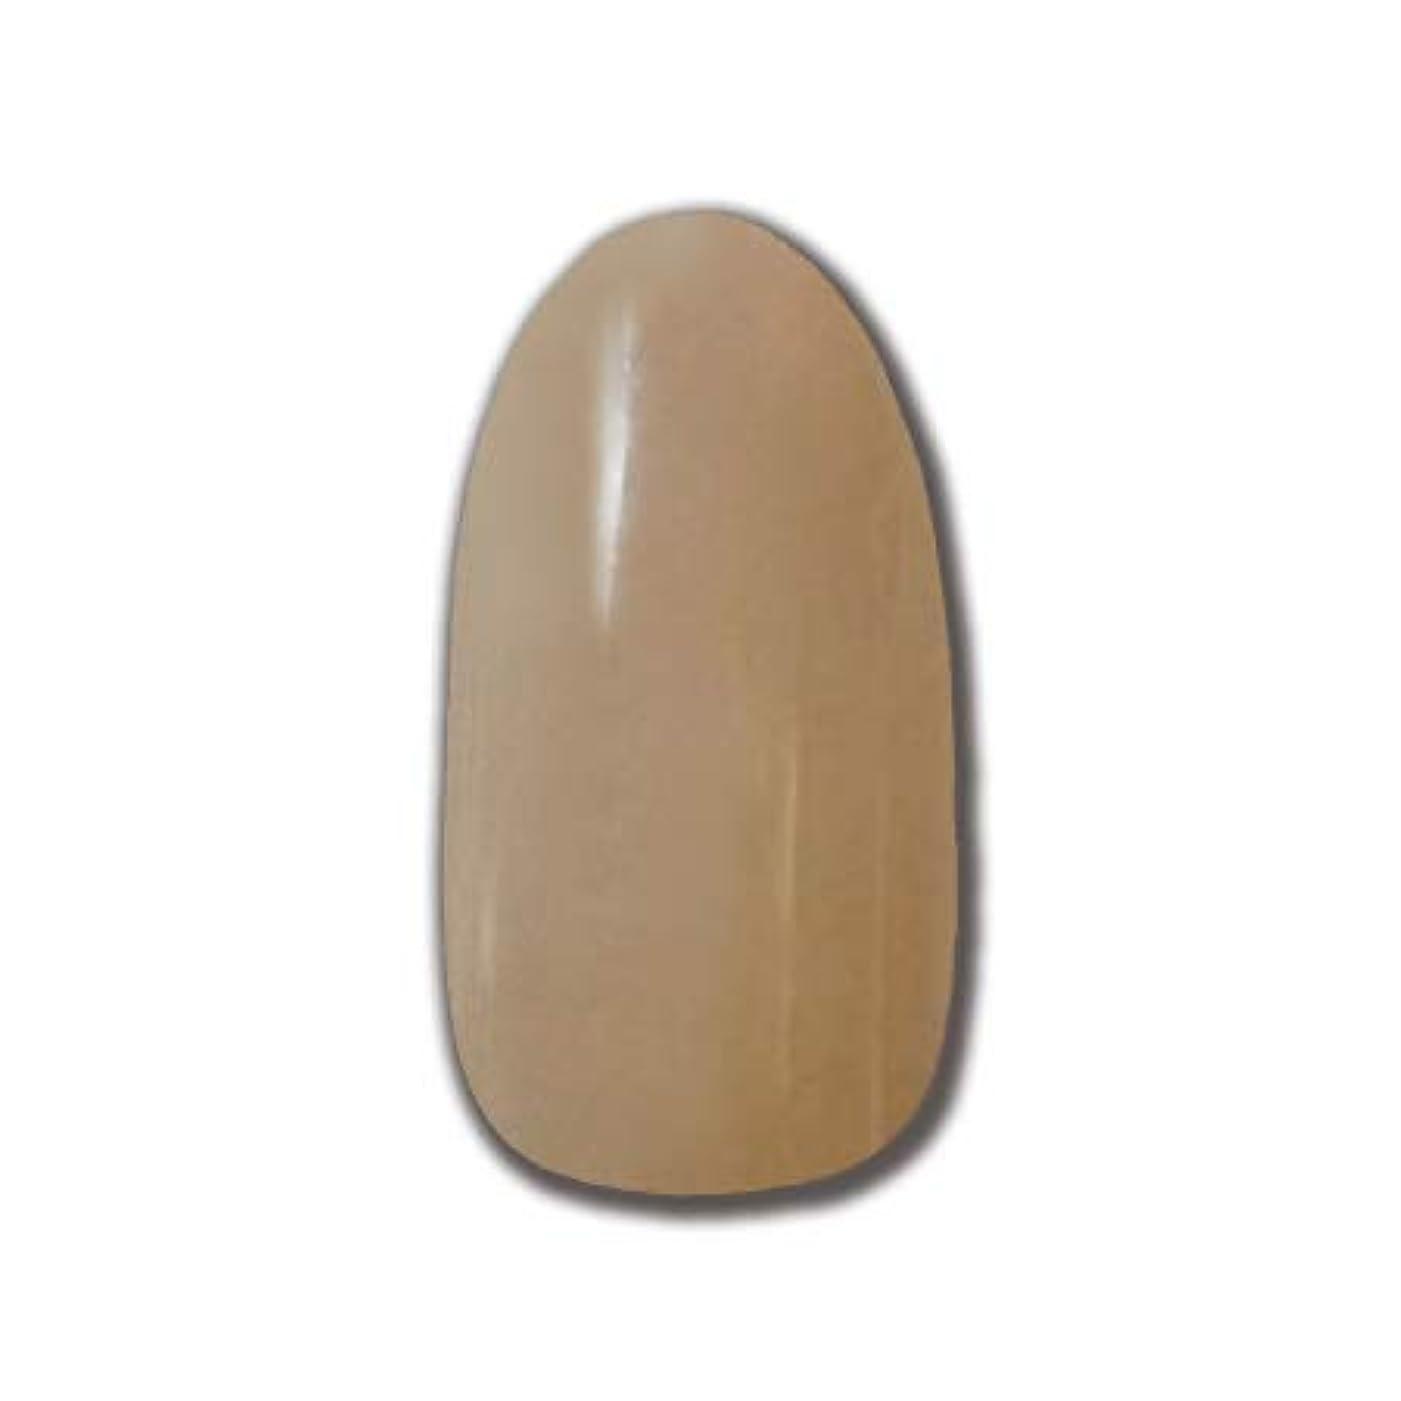 スクラッチ砂の革命的T-GEL COLLECTION カラージェル D183 ヌーディモカベージュ 4ml